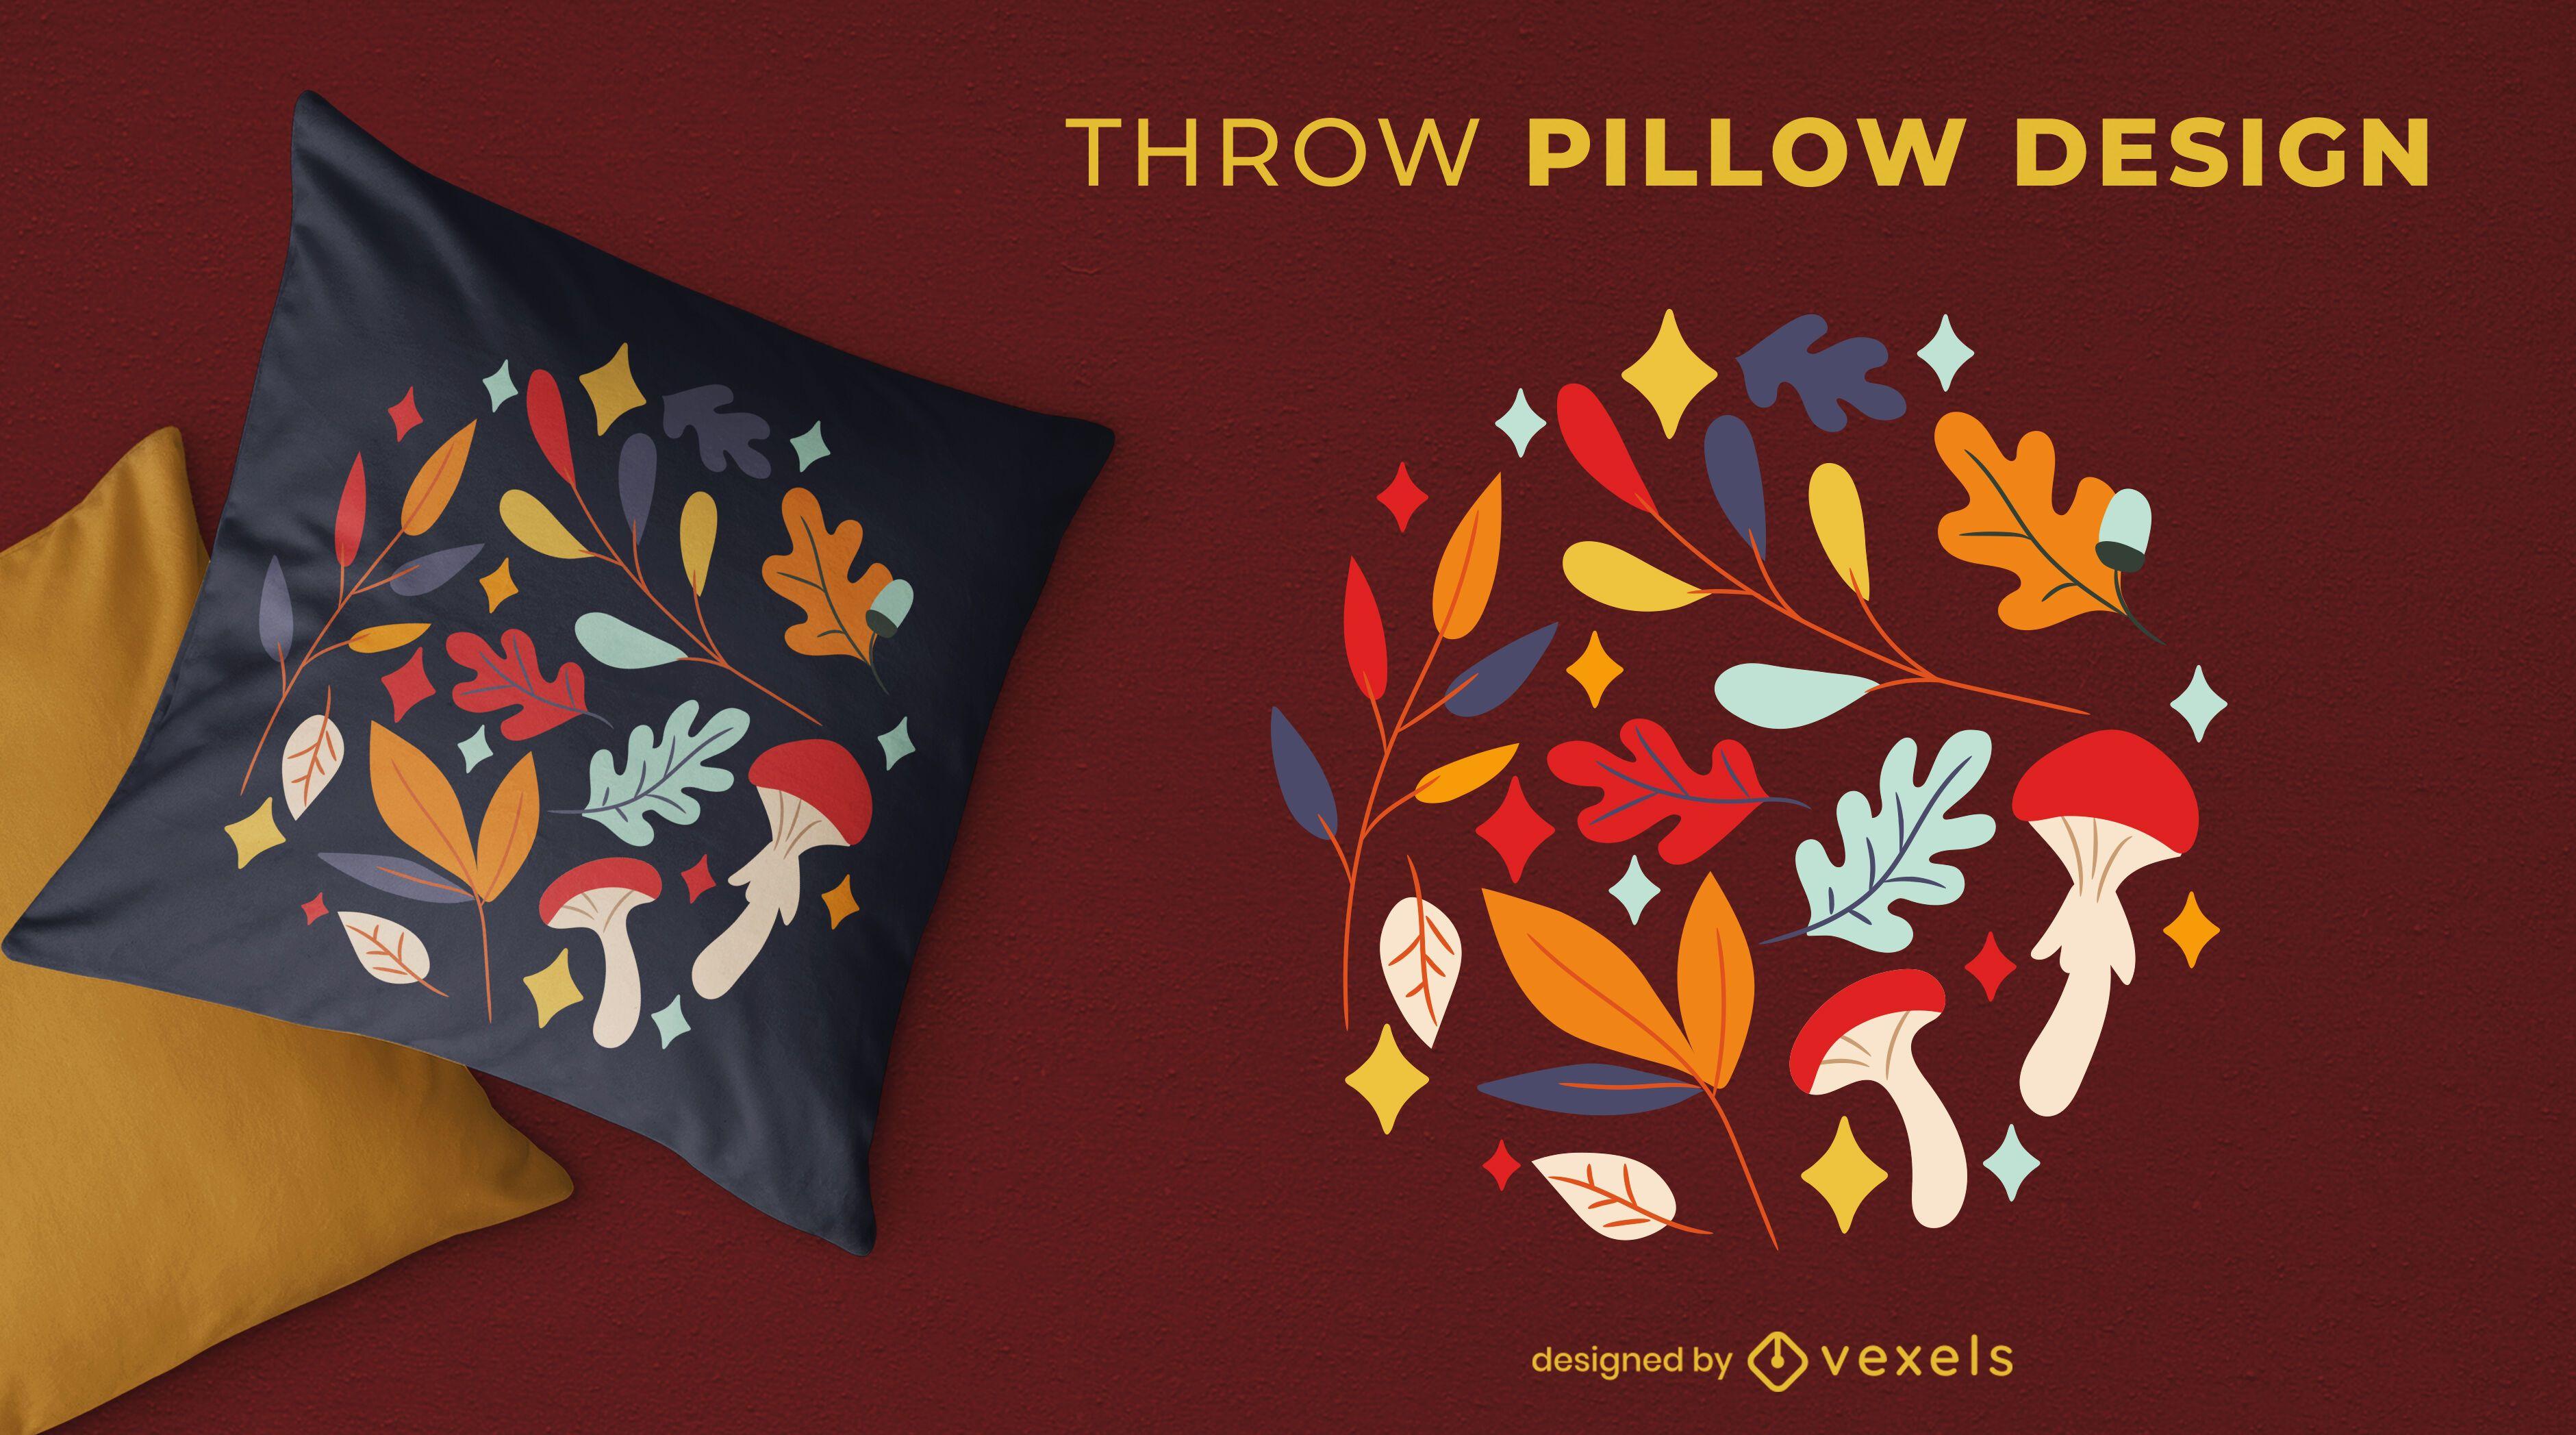 Design de almofadas decorativas de outono